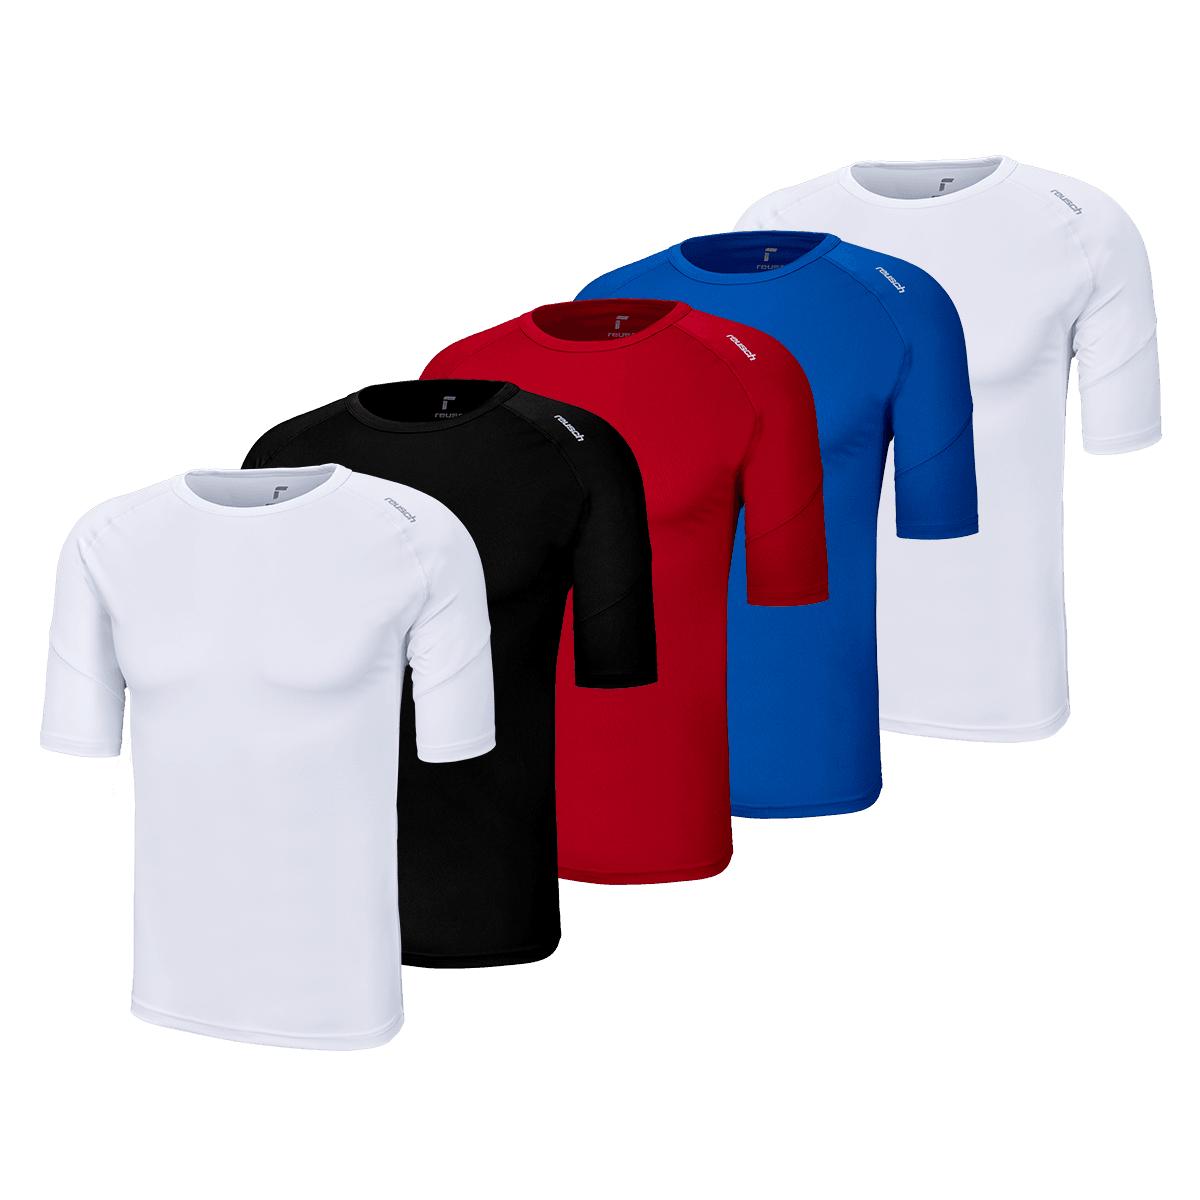 Reusch Funktionsshirts Basic 5er Pack --> 6,59€ pro Stück (Größen S bis 3XL)